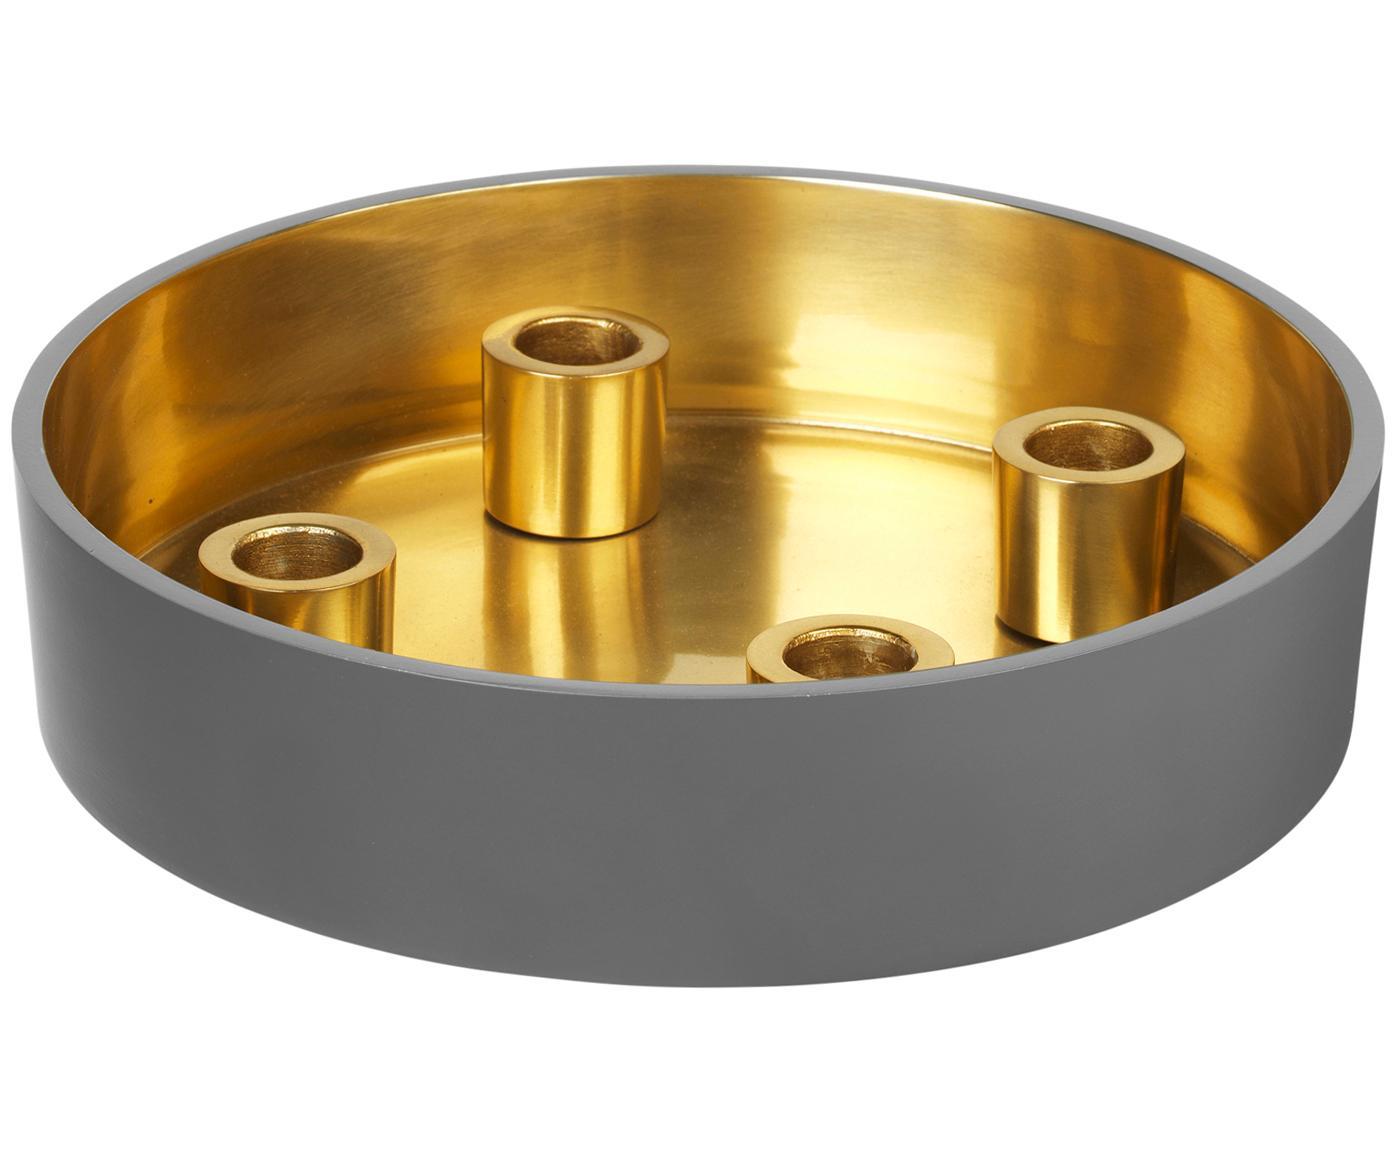 Kaarsenhouder Palma, Geëmailleerd aluminium, Buitenzijde: grijsblauw. Binnenzijde: goudkleurig, Ø 23 x H 6 cm